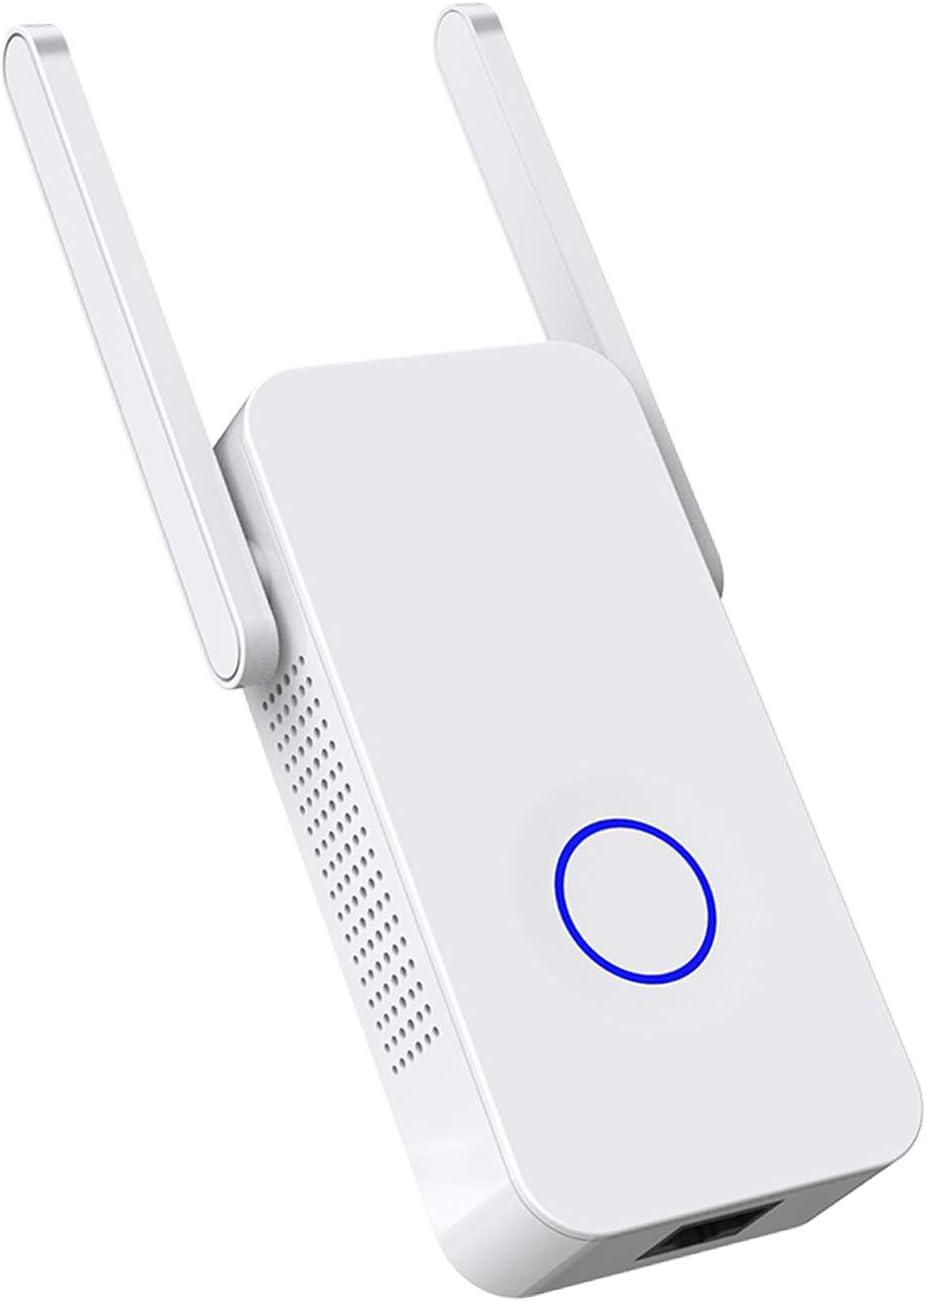 ACTGON Repetidor Extensor de Red WiFi Amplificador 1200Mbps Dual Band Inalámbrico WiFi Booster con Antenas Duales Apoyo Ap/Repetidor/Enrutador Modo